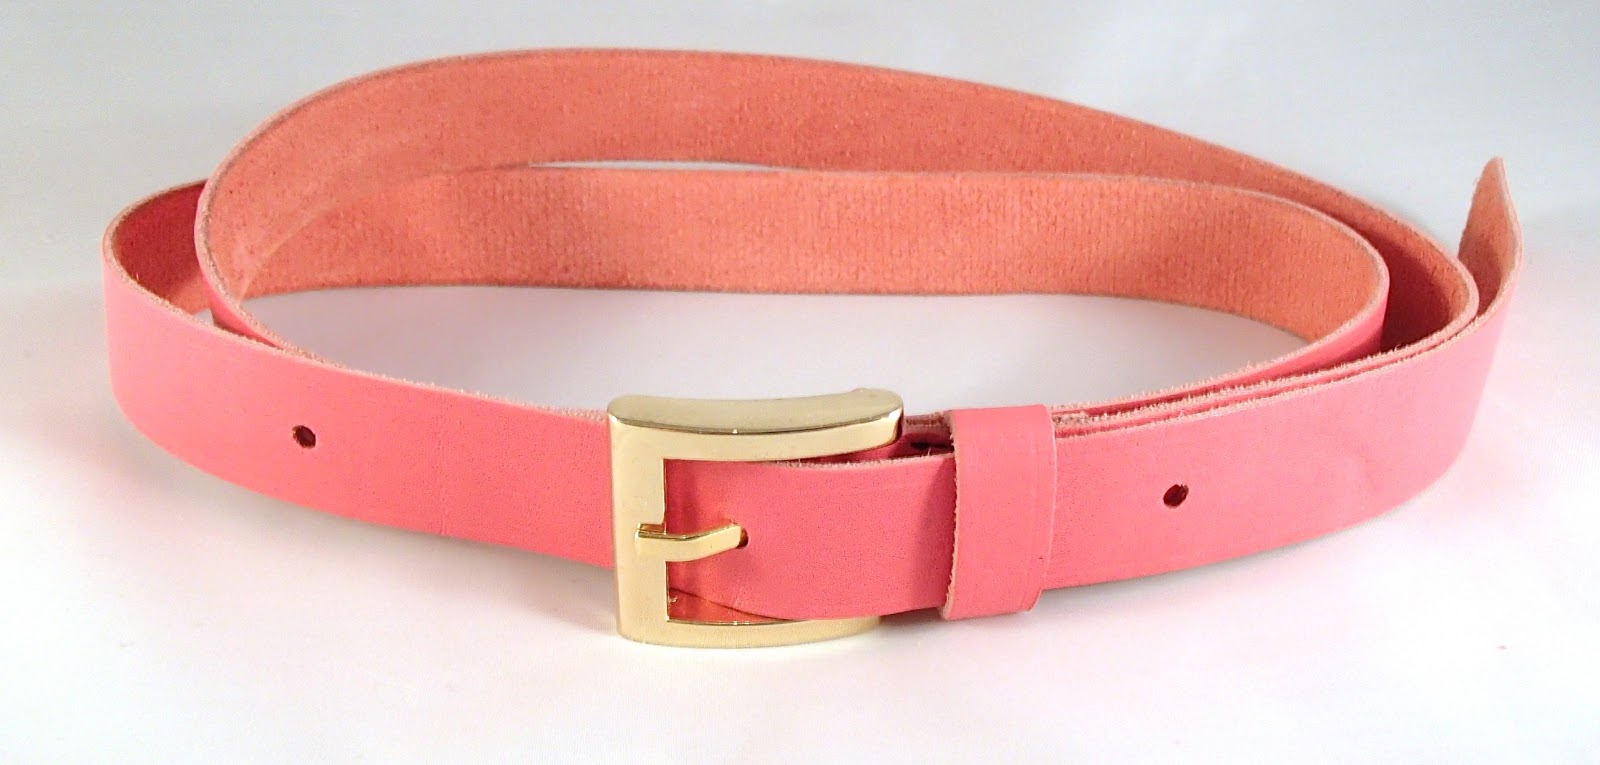 Vue en long de la ceinture en cuir rose